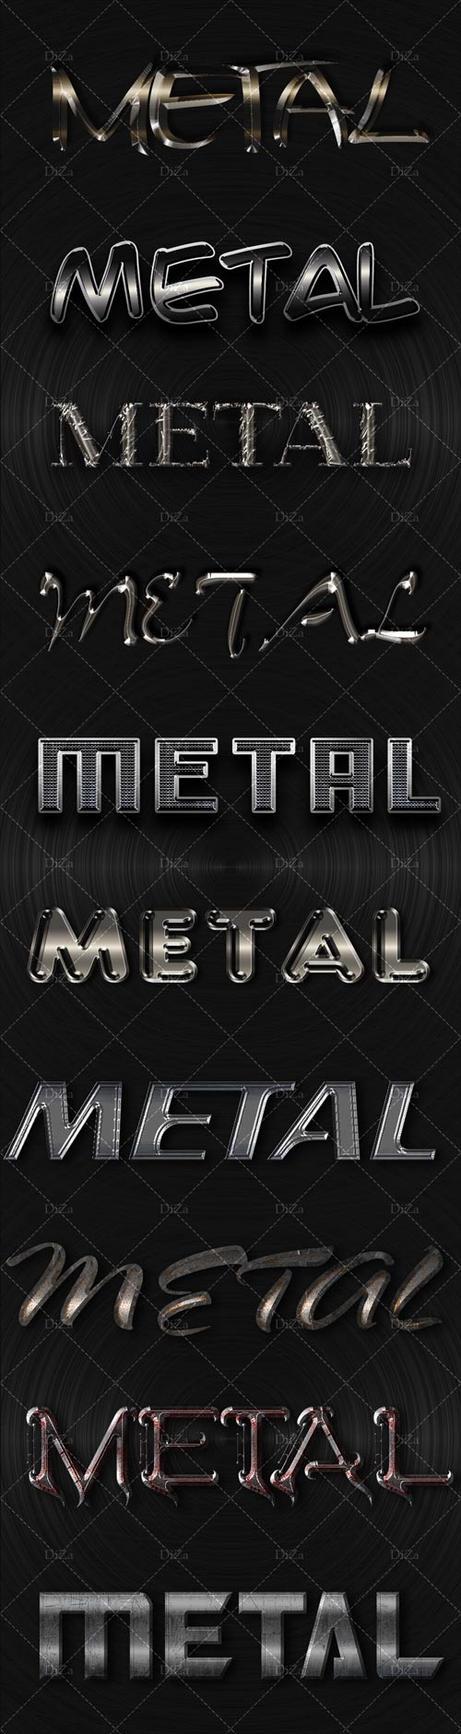 10 modern metal styles by DiZa-74